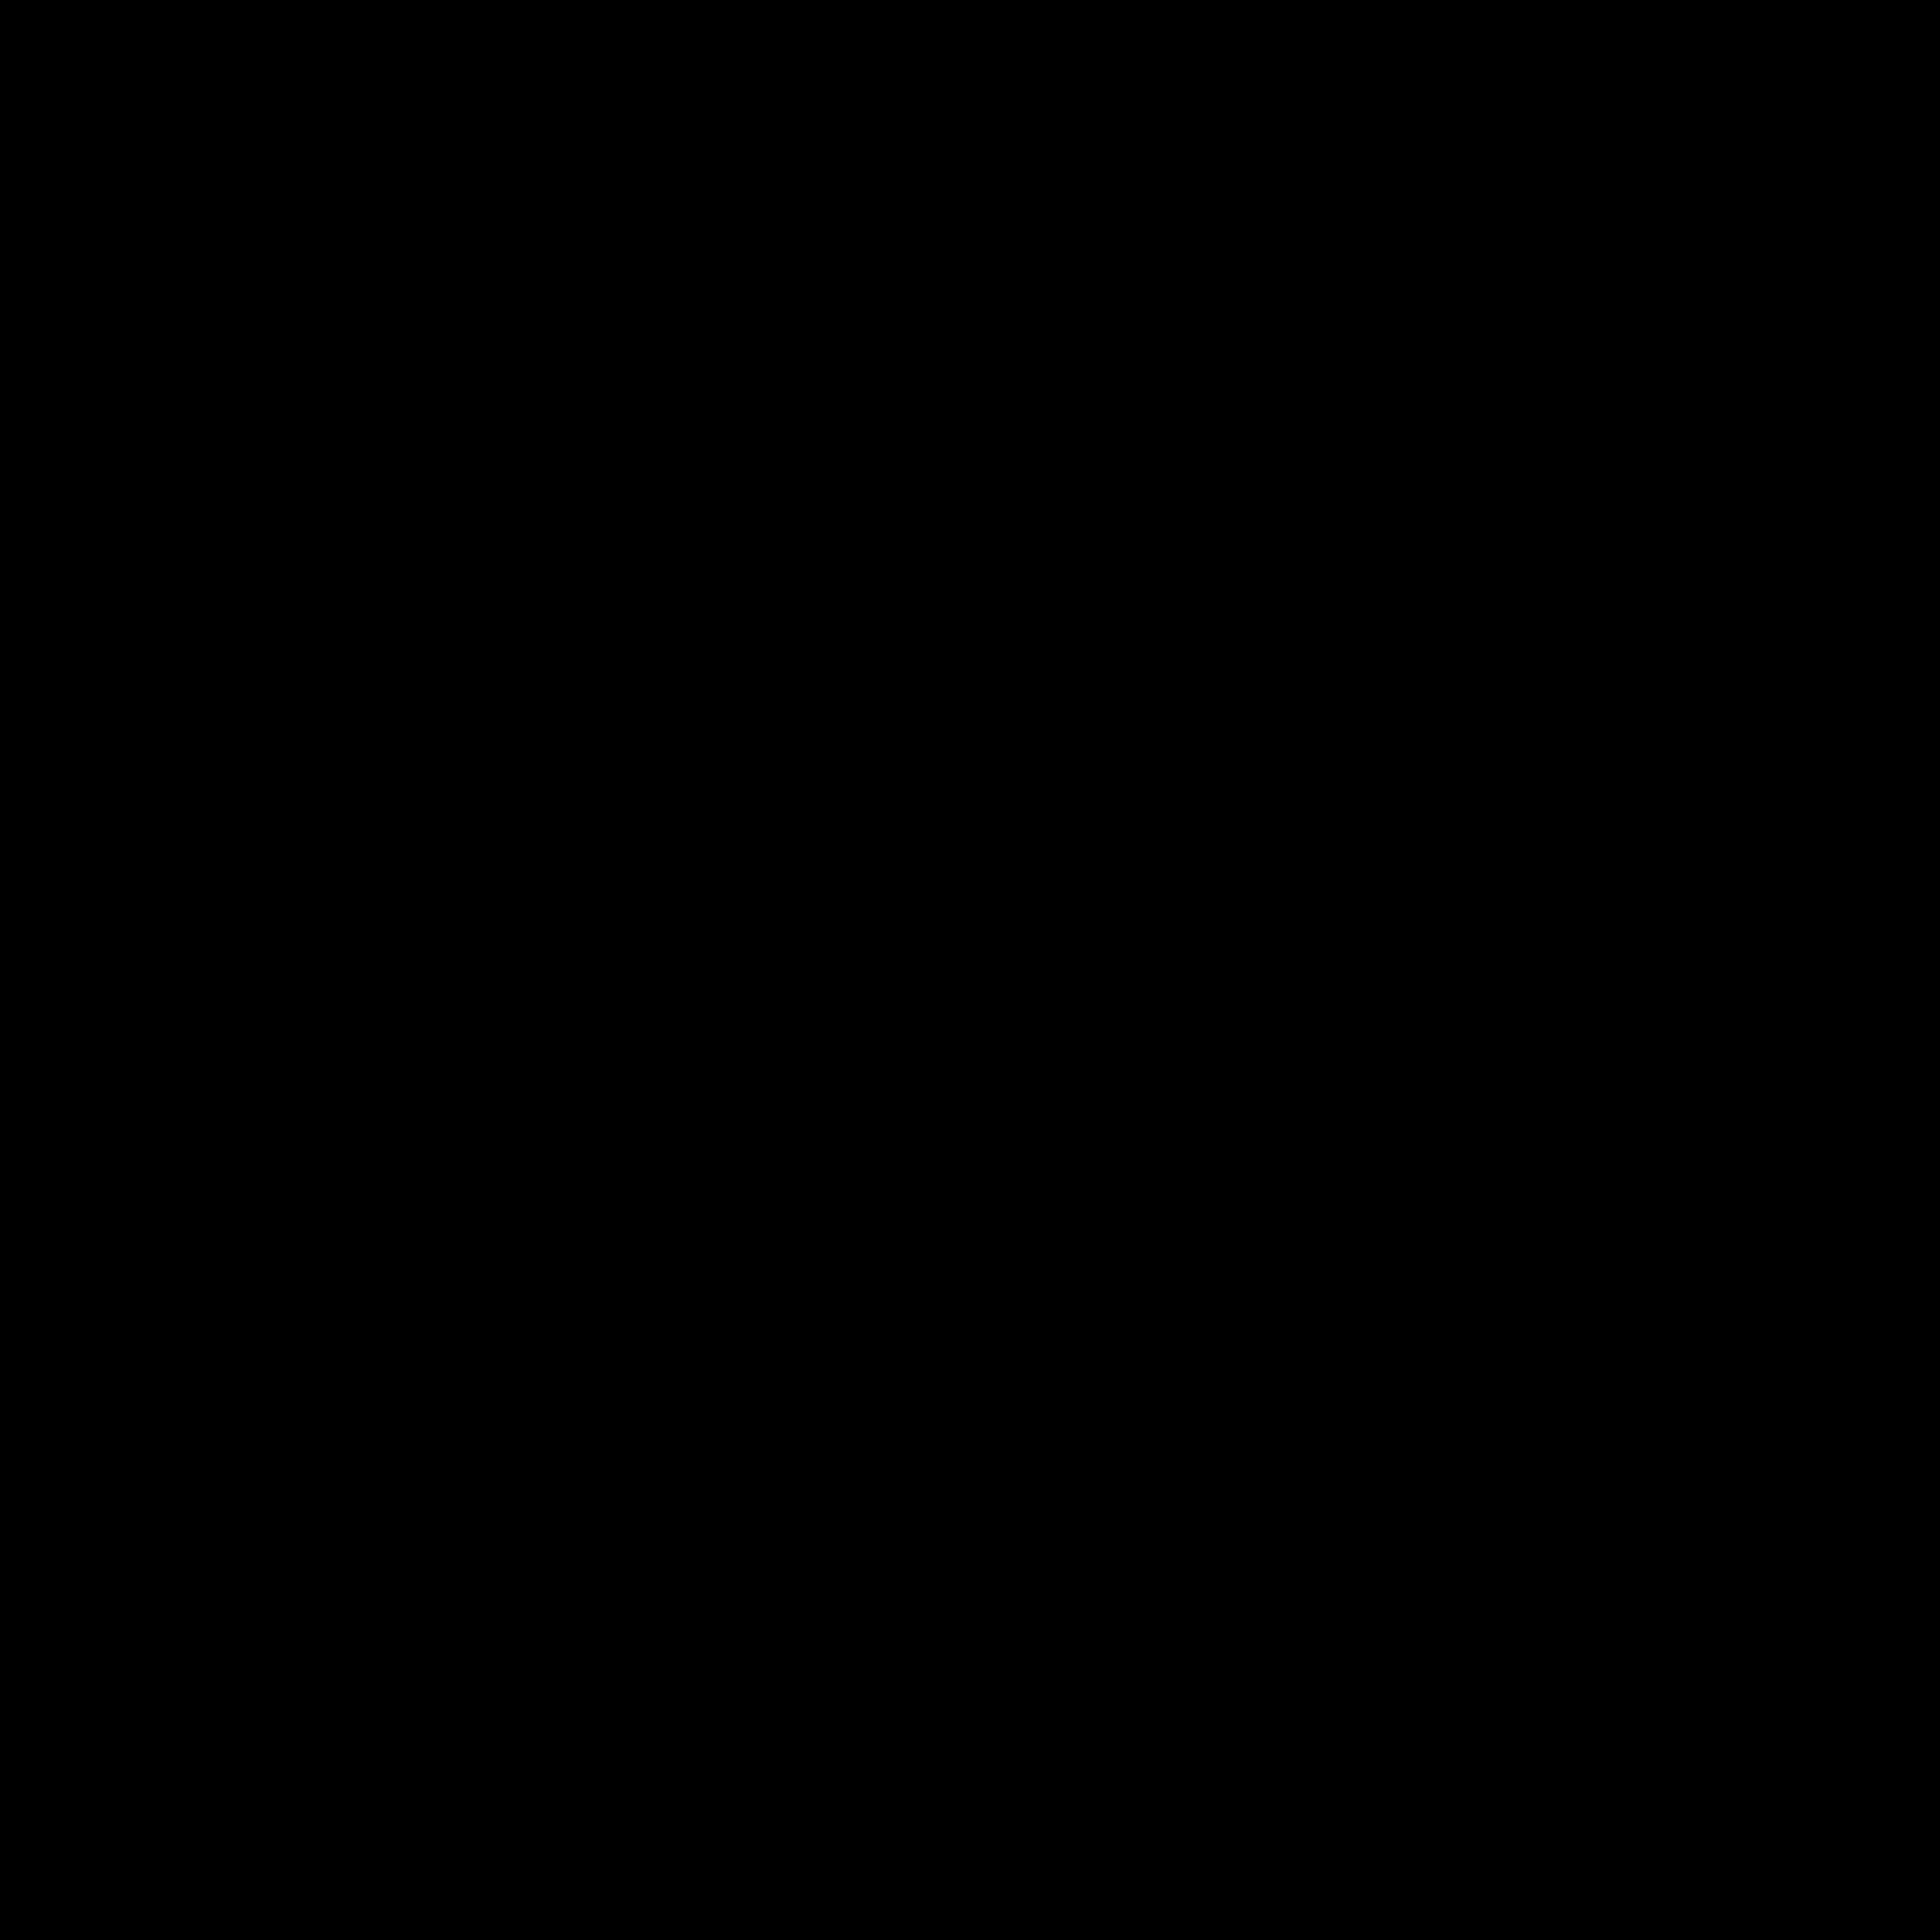 Fra y hmeda el smbolo alqumico para el agua es un tringulo fra y hmeda el smbolo alqumico para el agua es un tringulo con su vrtice buycottarizona Choice Image